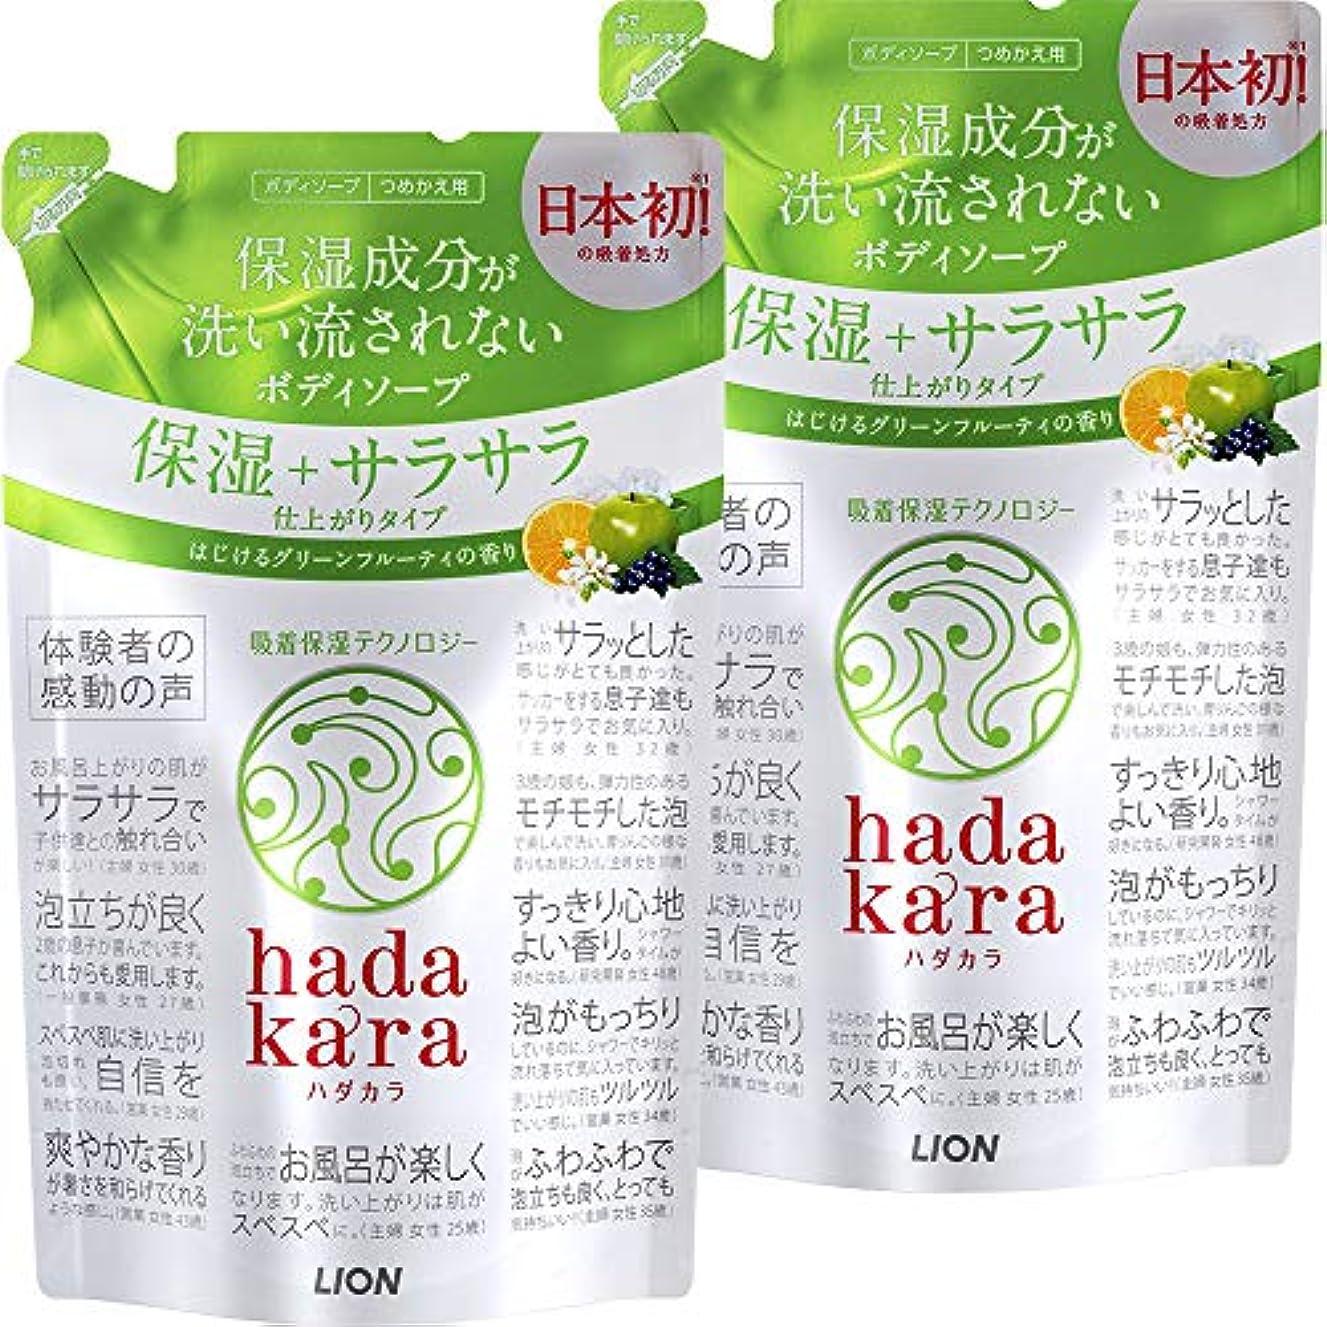 たとえマラソン列車【まとめ買い】hadakara(ハダカラ) ボディソープ 保湿+サラサラ仕上がりタイプ グリーンフルーティの香り 詰め替え 340ml×2個パック